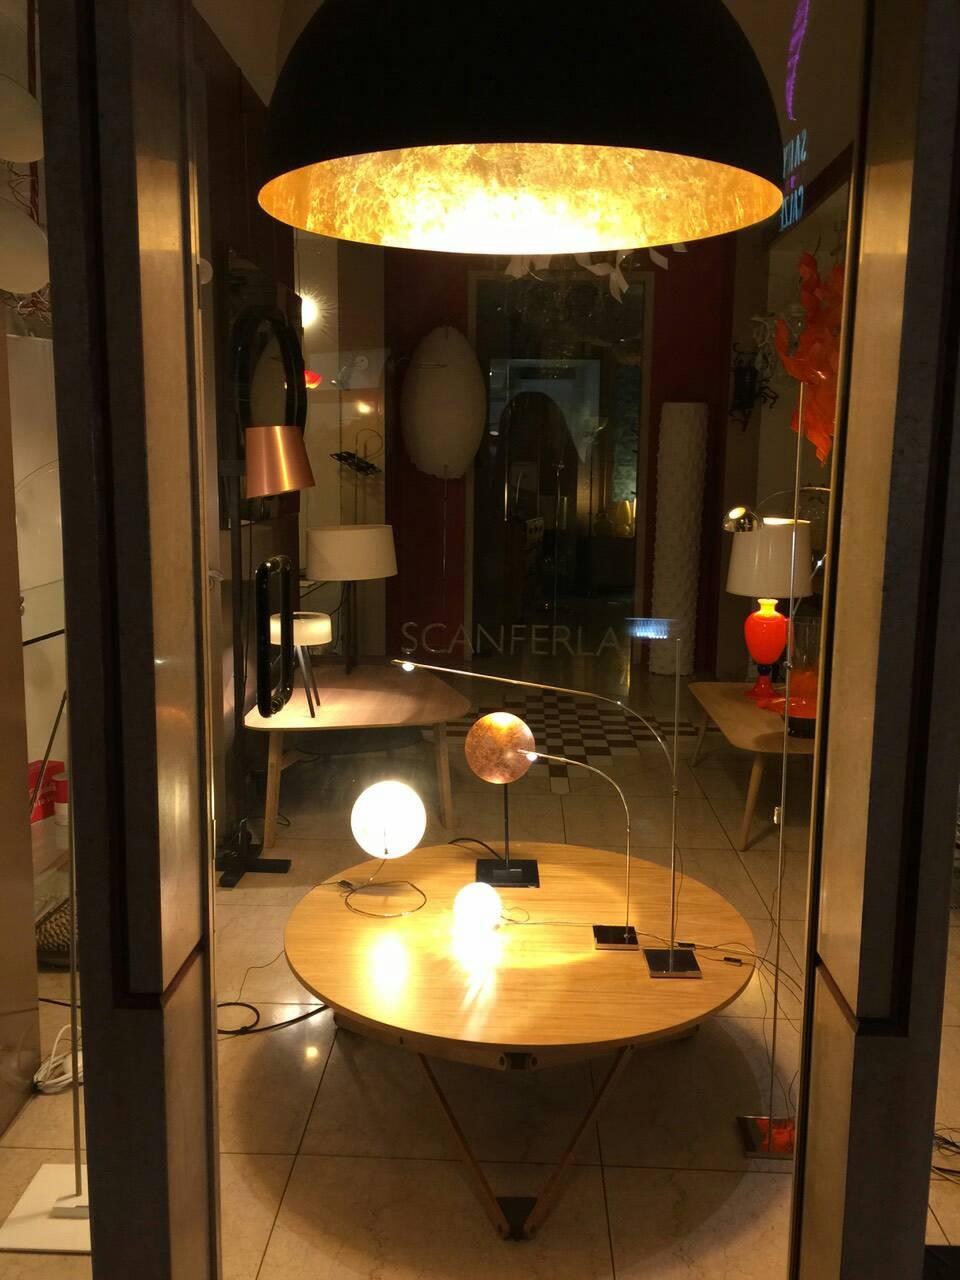 モダンで洗練されたイタリア家具が揃う「Scanferla」トリノ